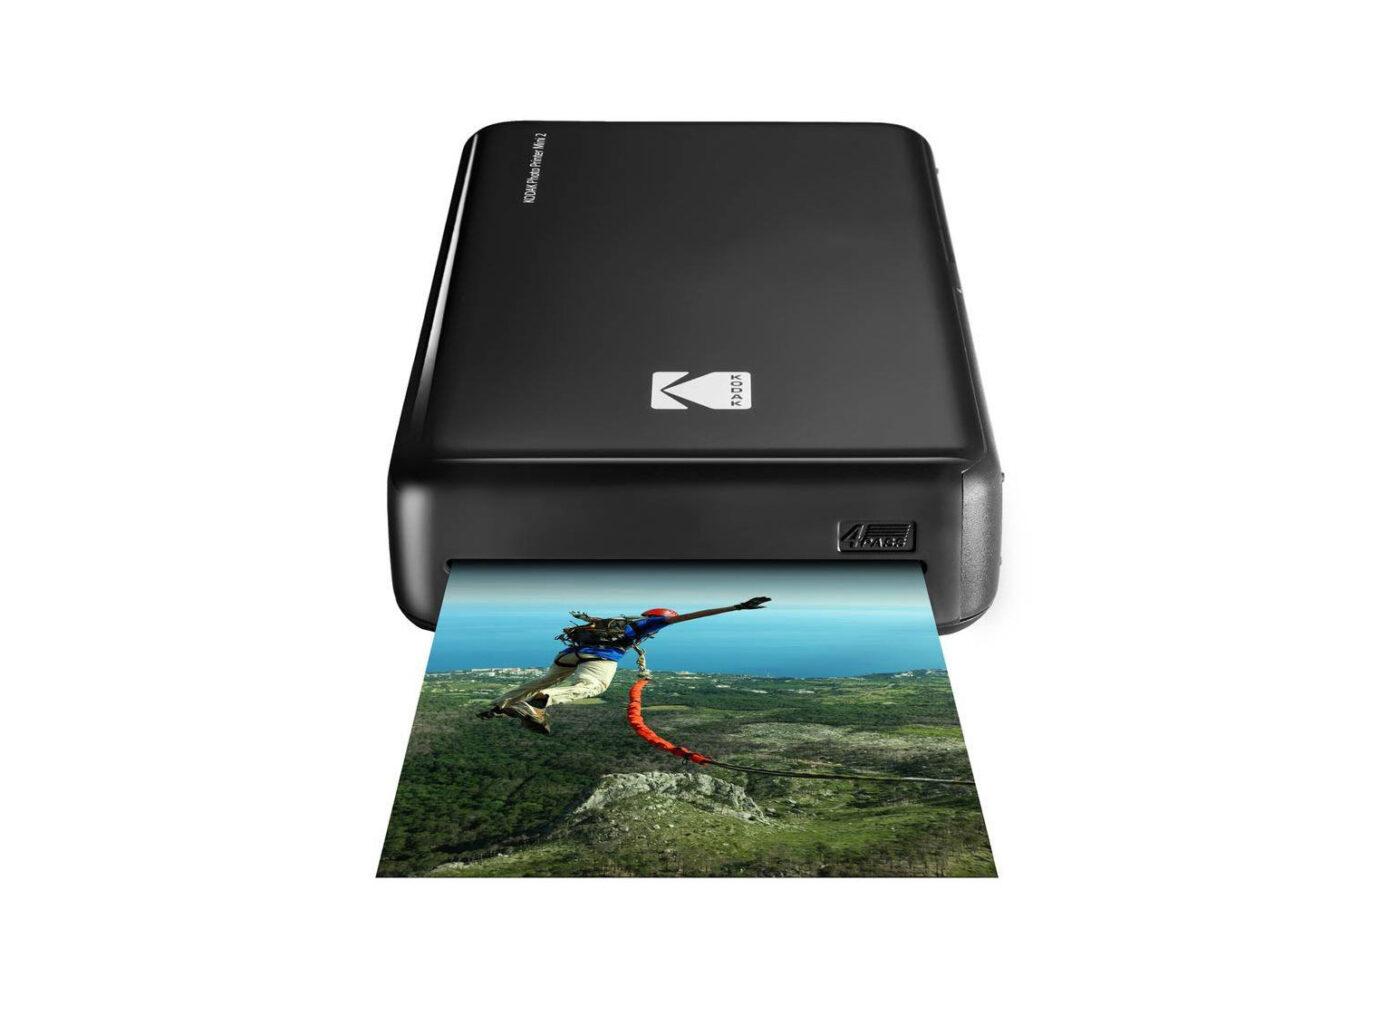 Kodak Mini2 Instant Photo Printer